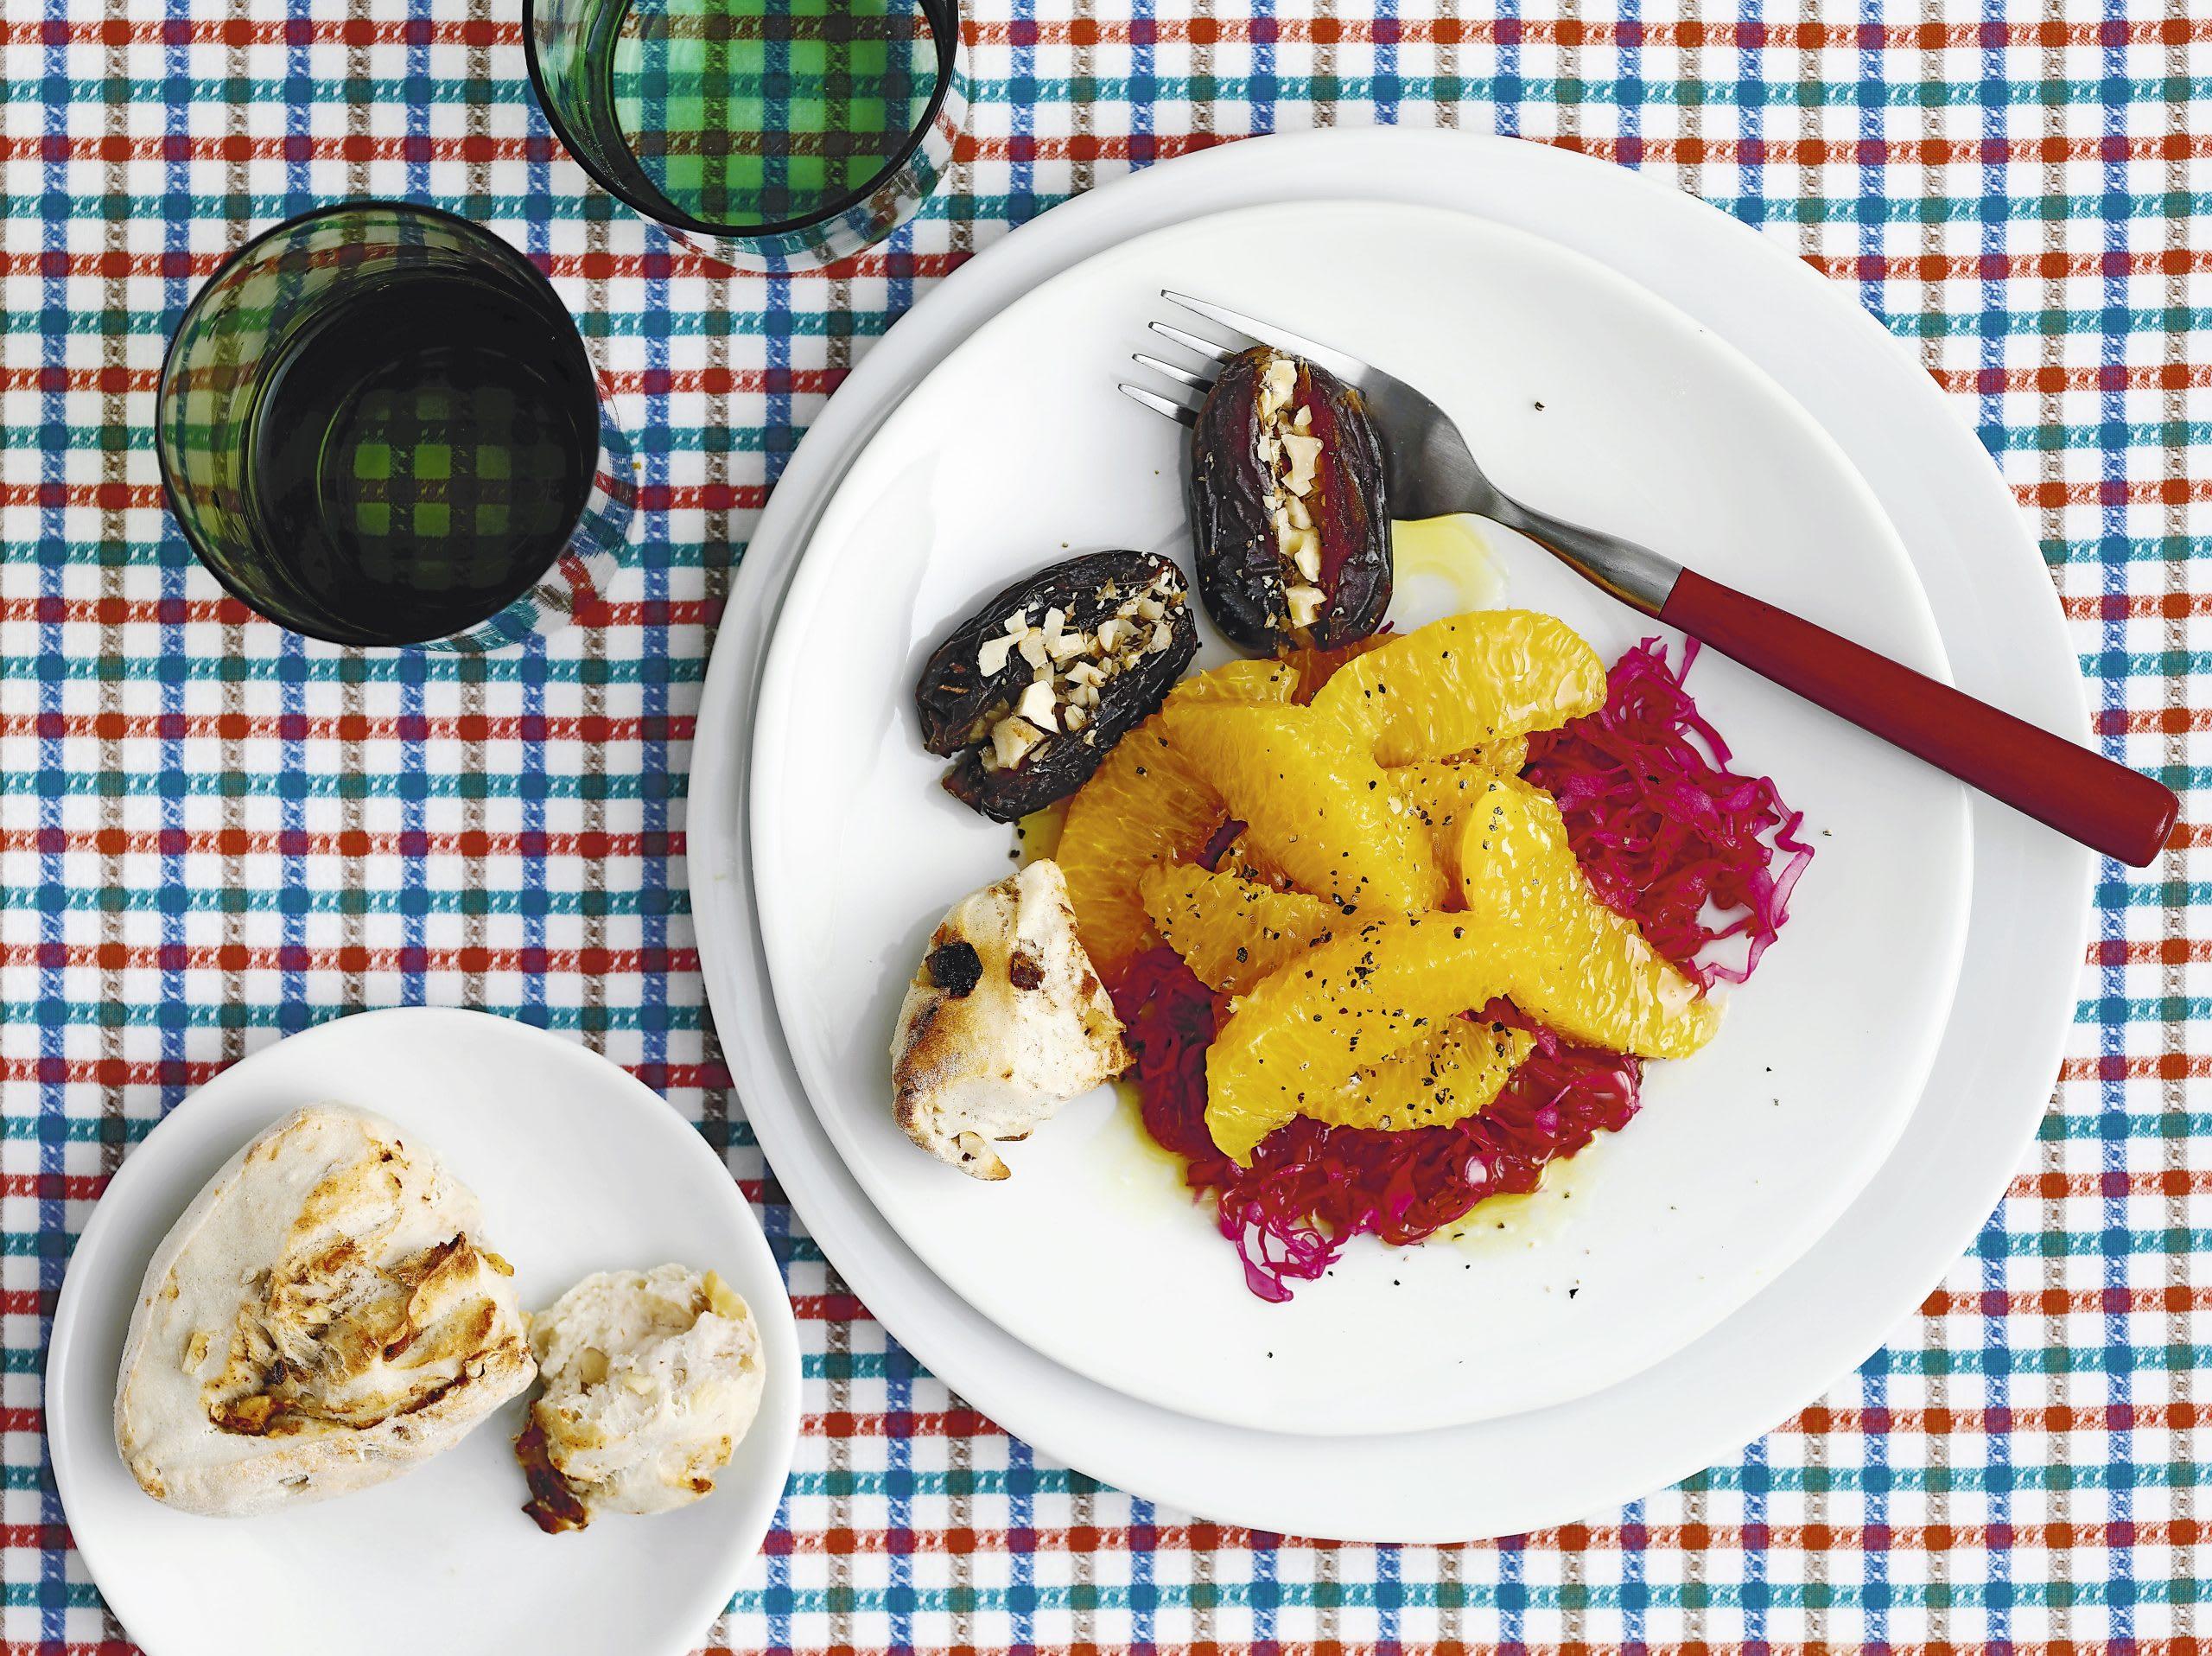 Orangen-Kraut-Salat mit Dattel-Nuss-Brötchen